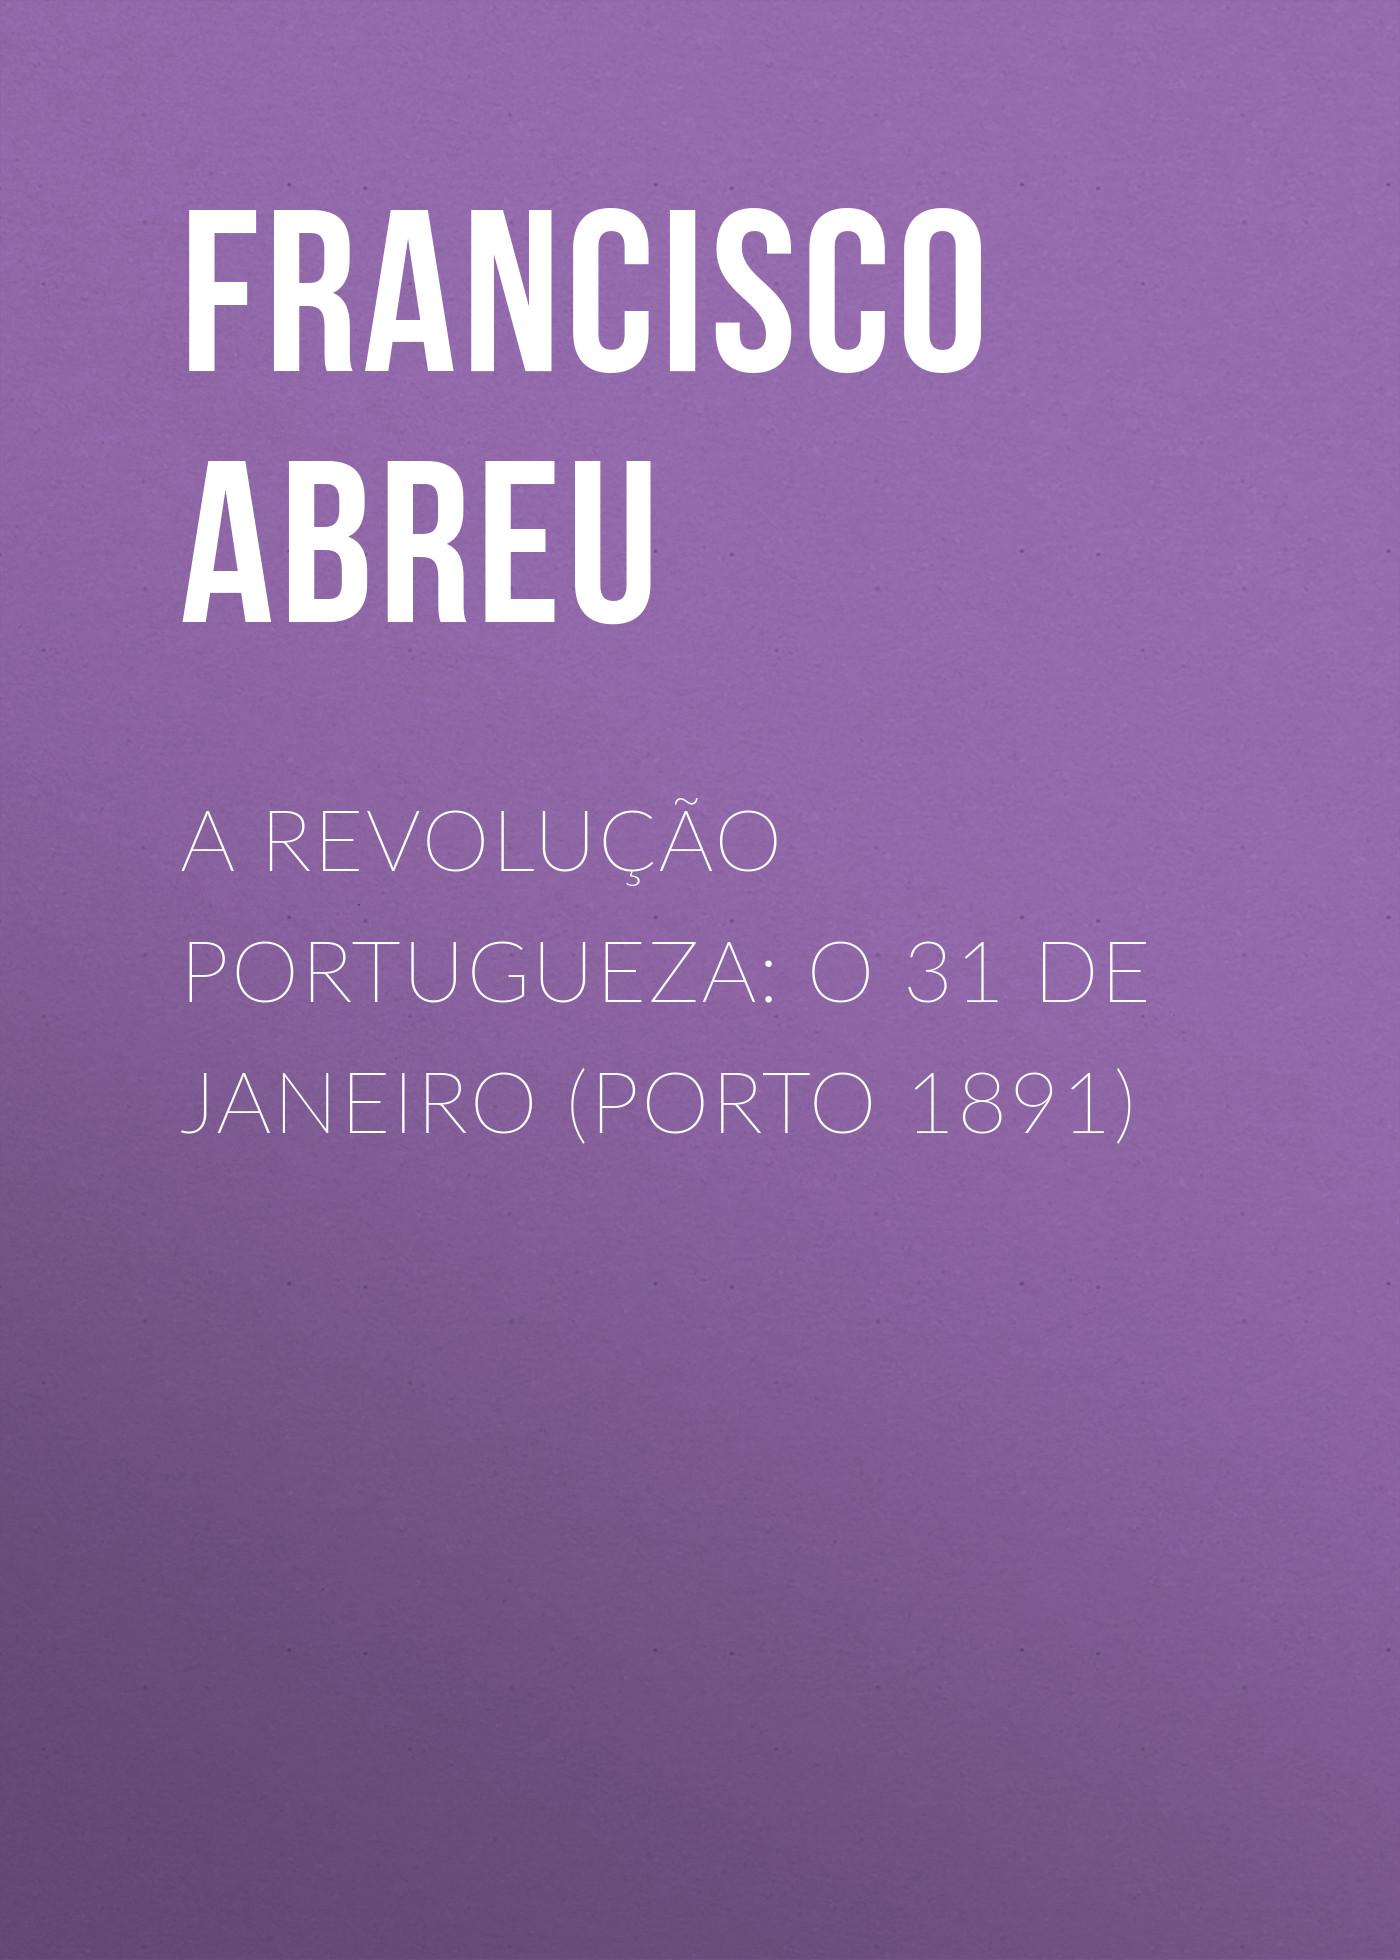 Abreu Francisco Jorge de A Revolução Portugueza: O 31 de Janeiro (Porto 1891) jorge drexler quito